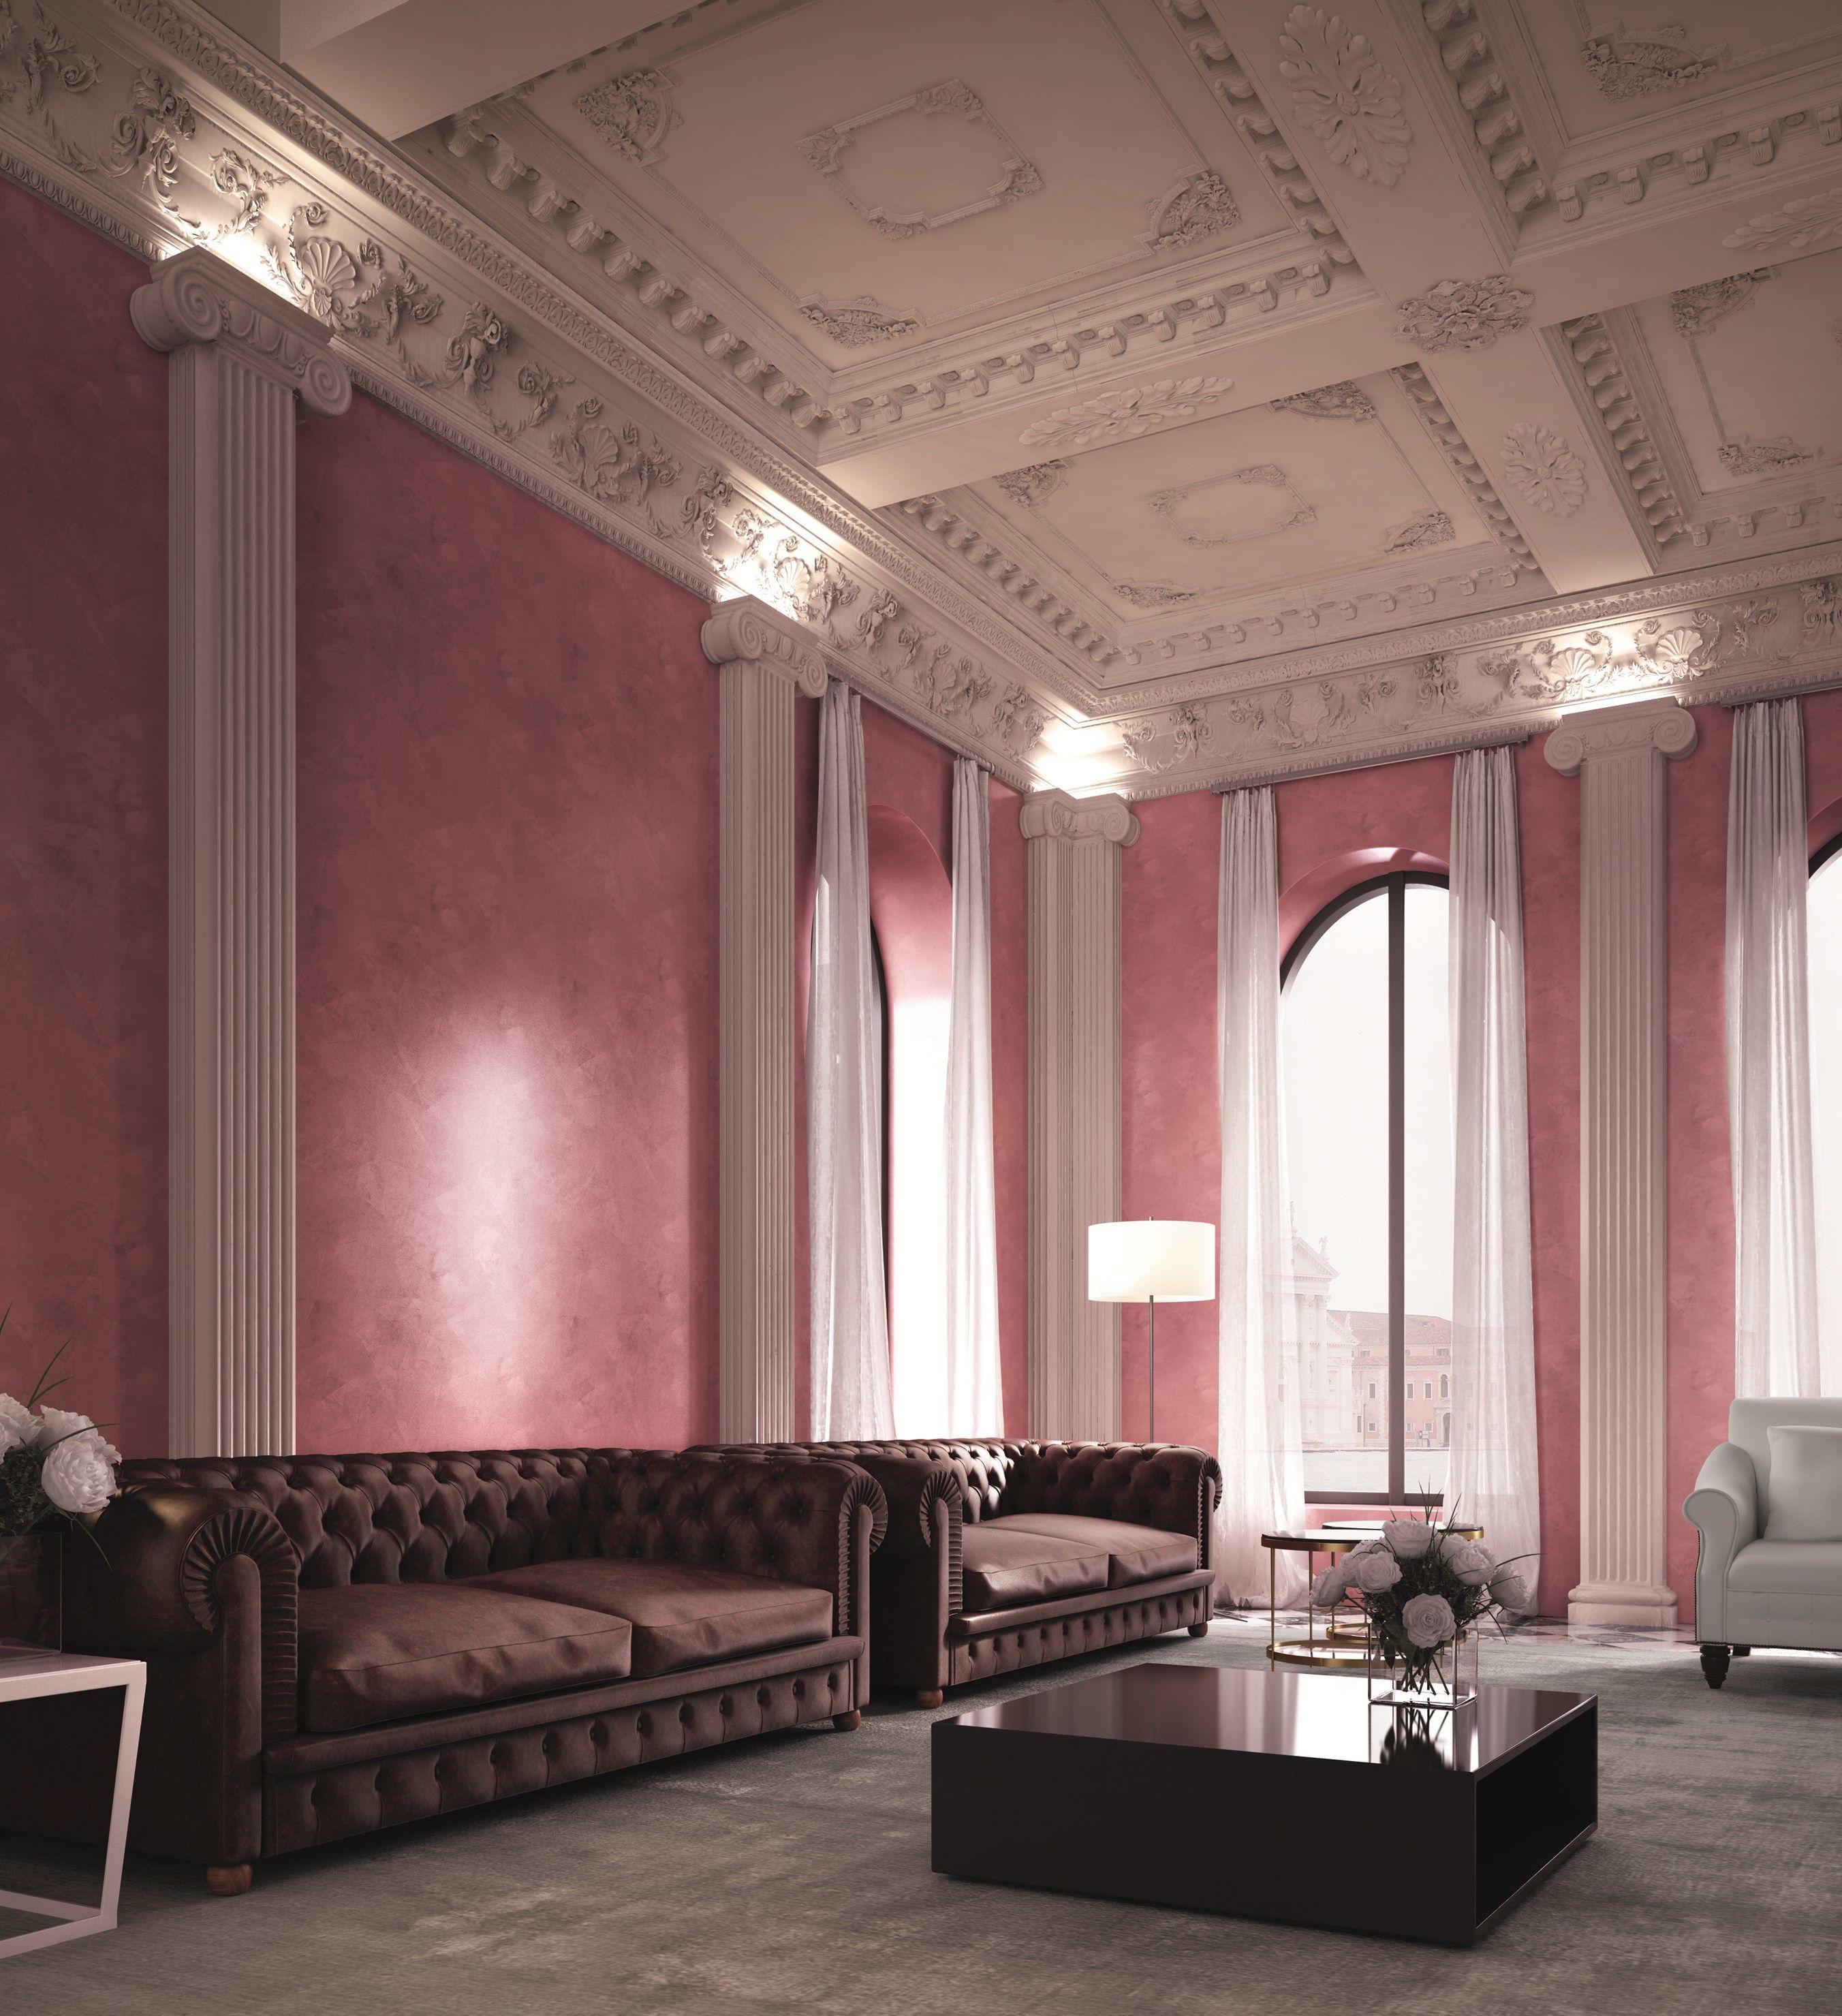 Classica decorazione d 39 epoca per interno grassello di for Colorificio san marco